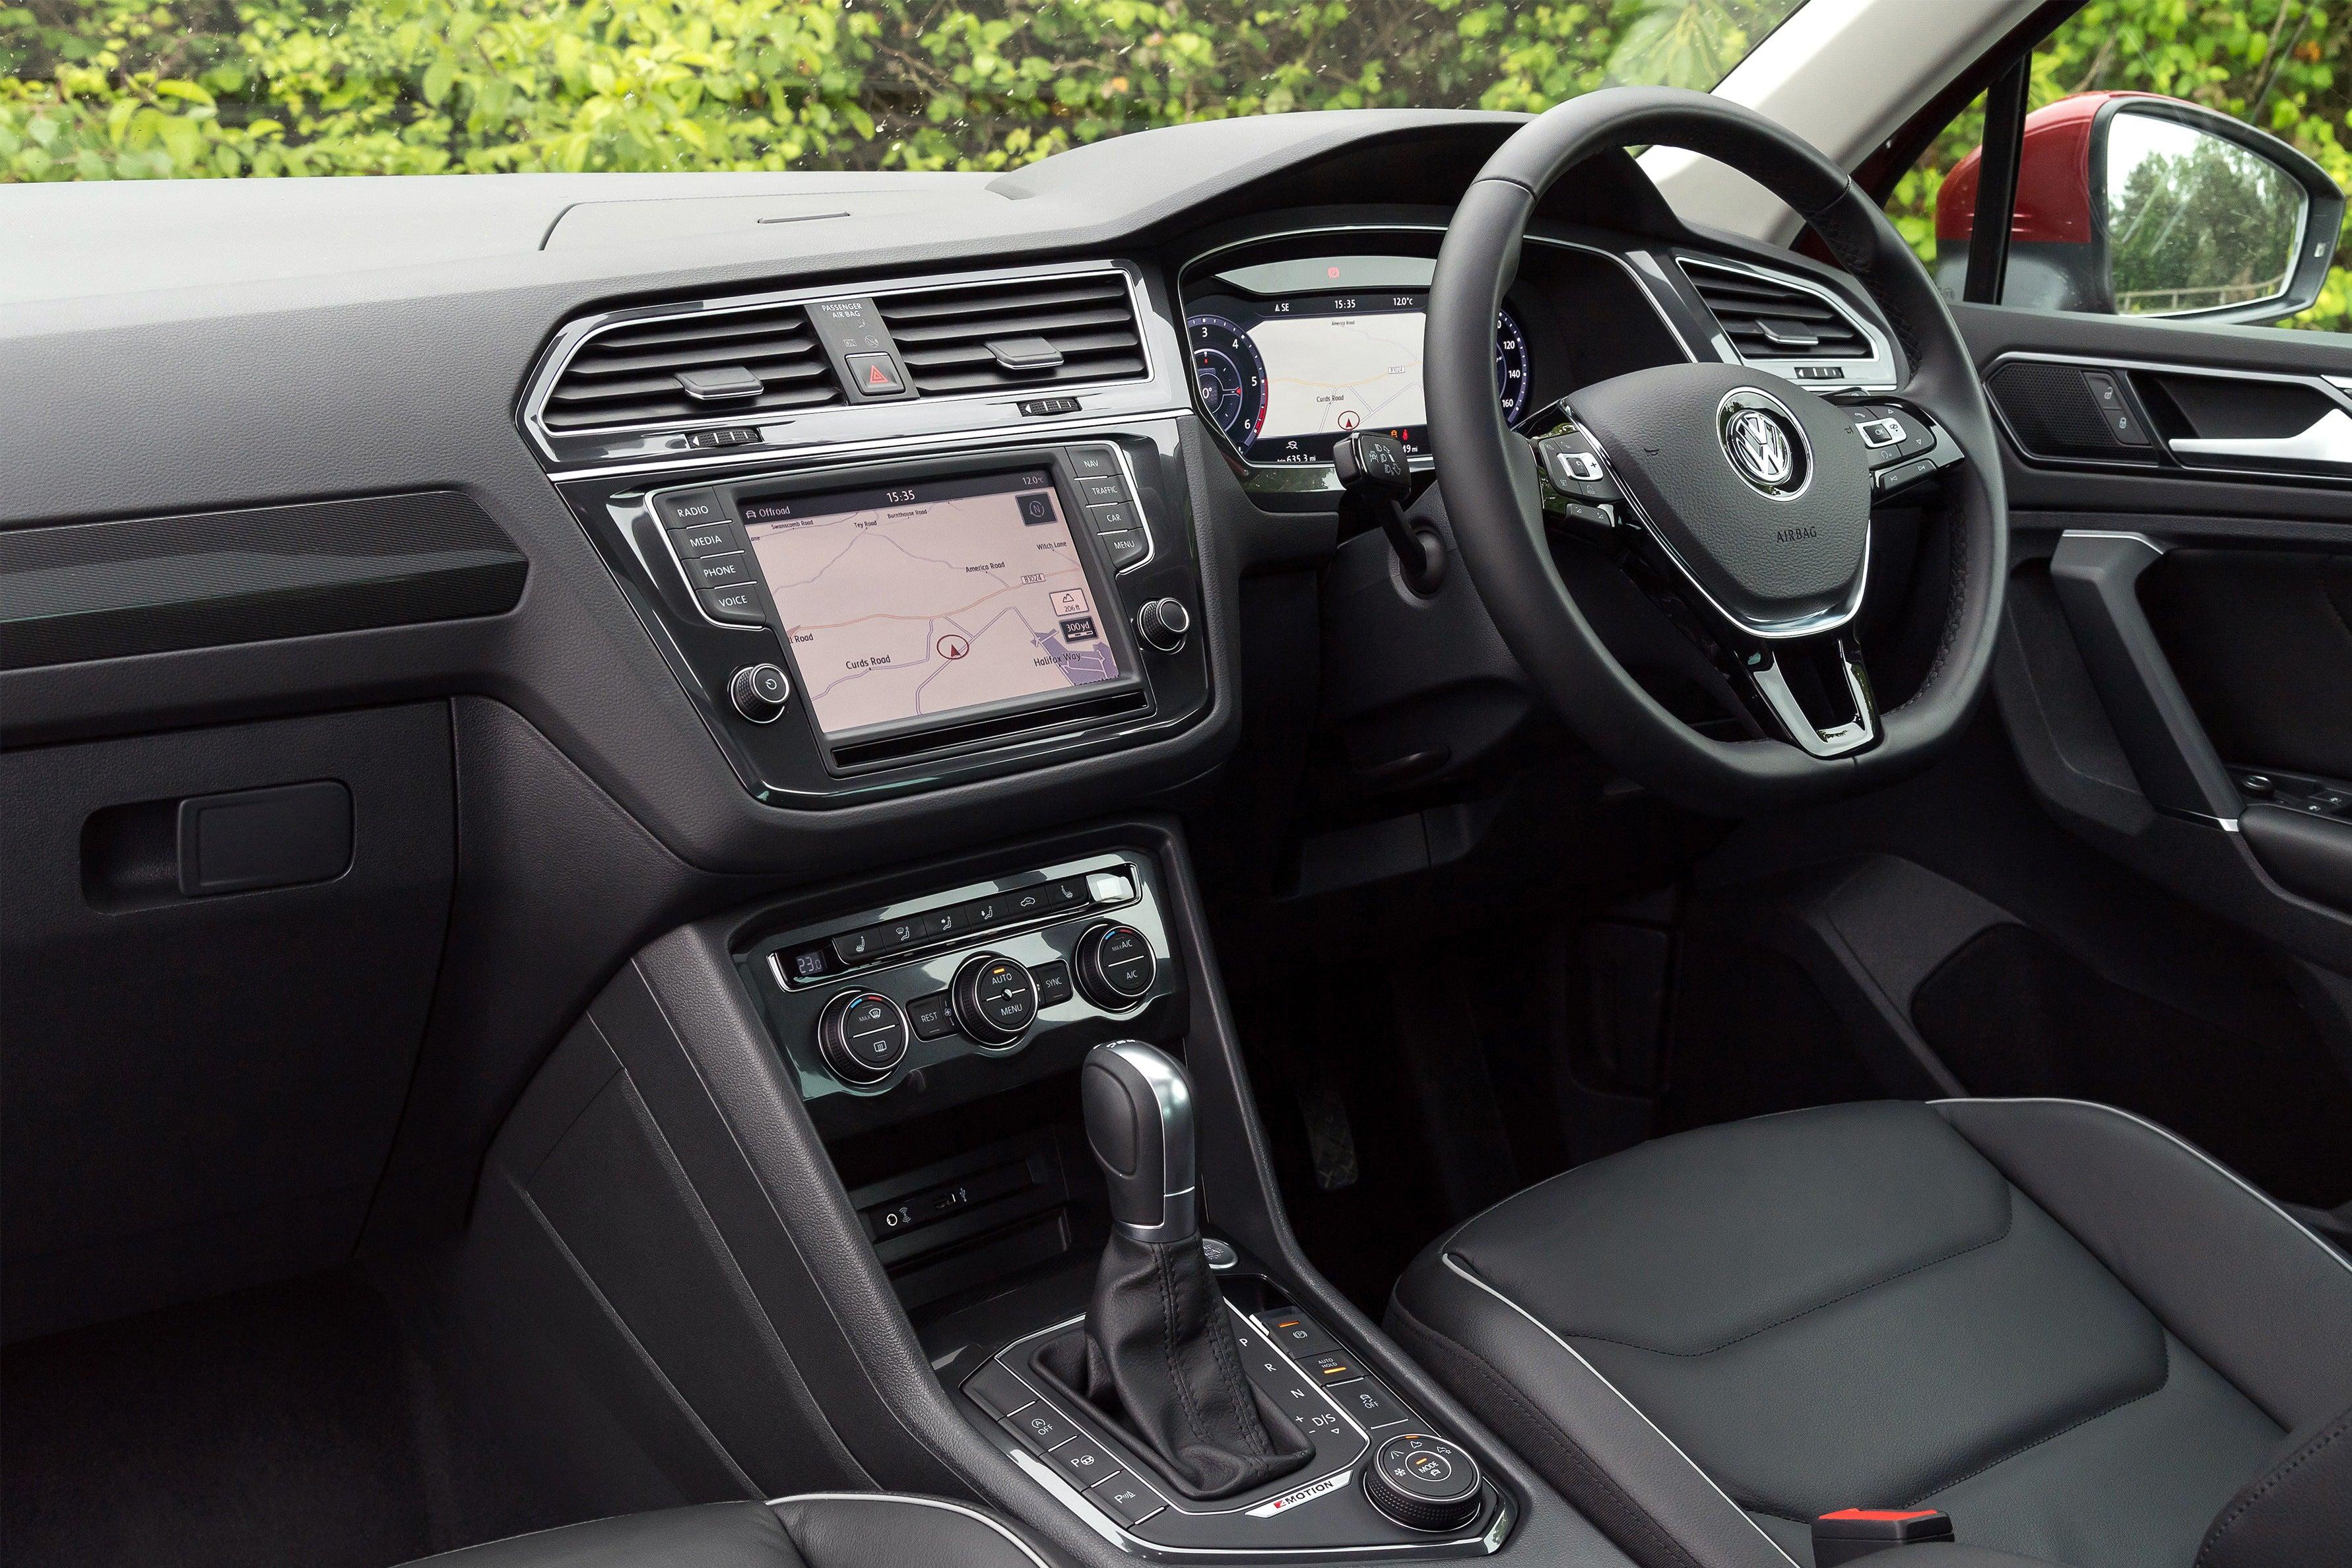 Volkswagen Tiguan Front Interior